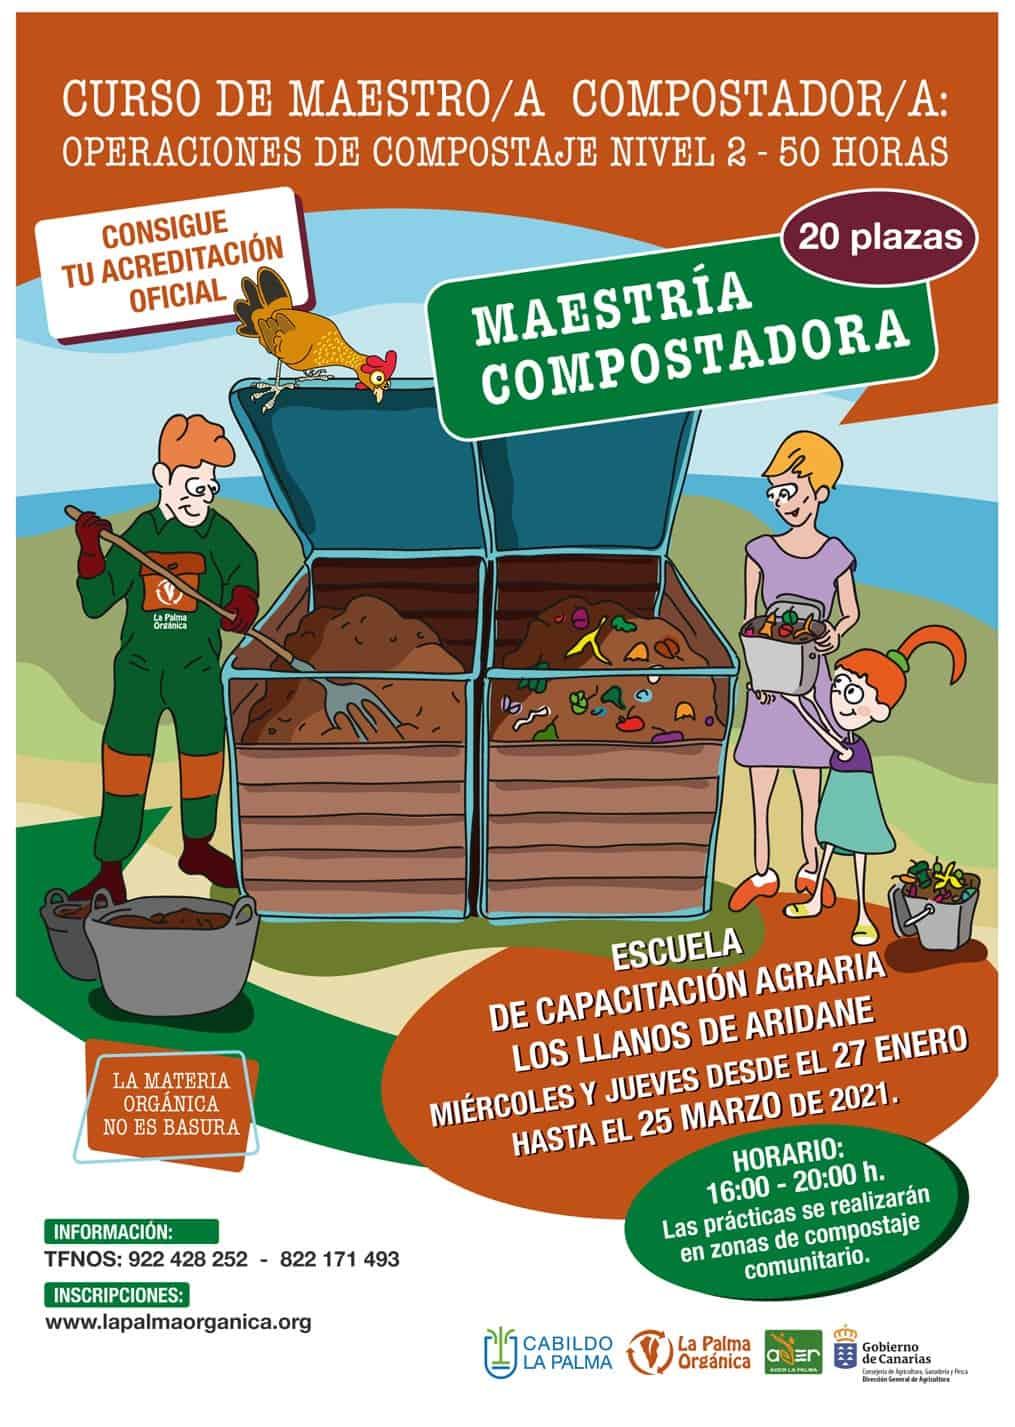 El Cabildo de La Palma y el Gobierno de Canarias imparten un curso de Maestría en Compostaje